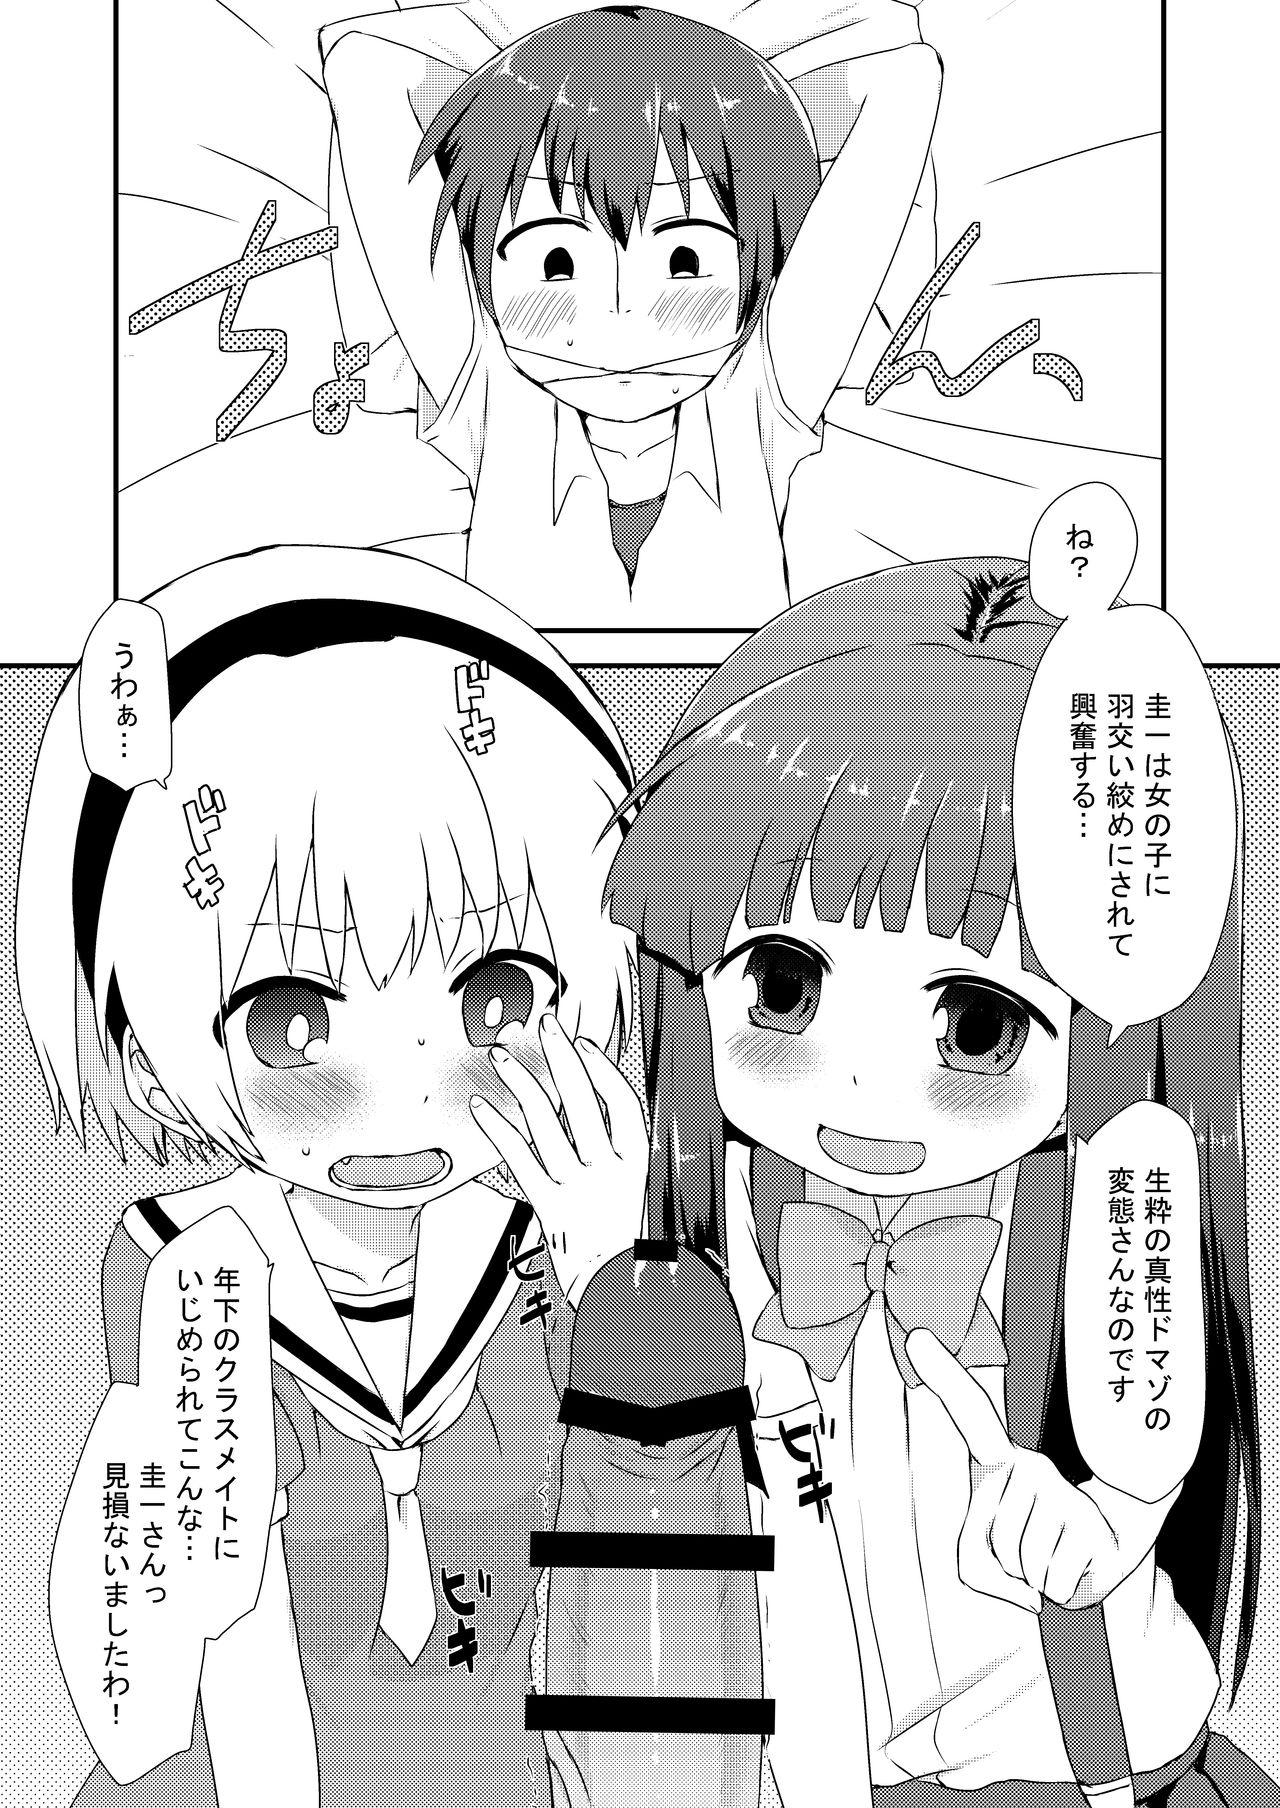 Rika-chan to Satoko ga Keiichi o osou hon 2